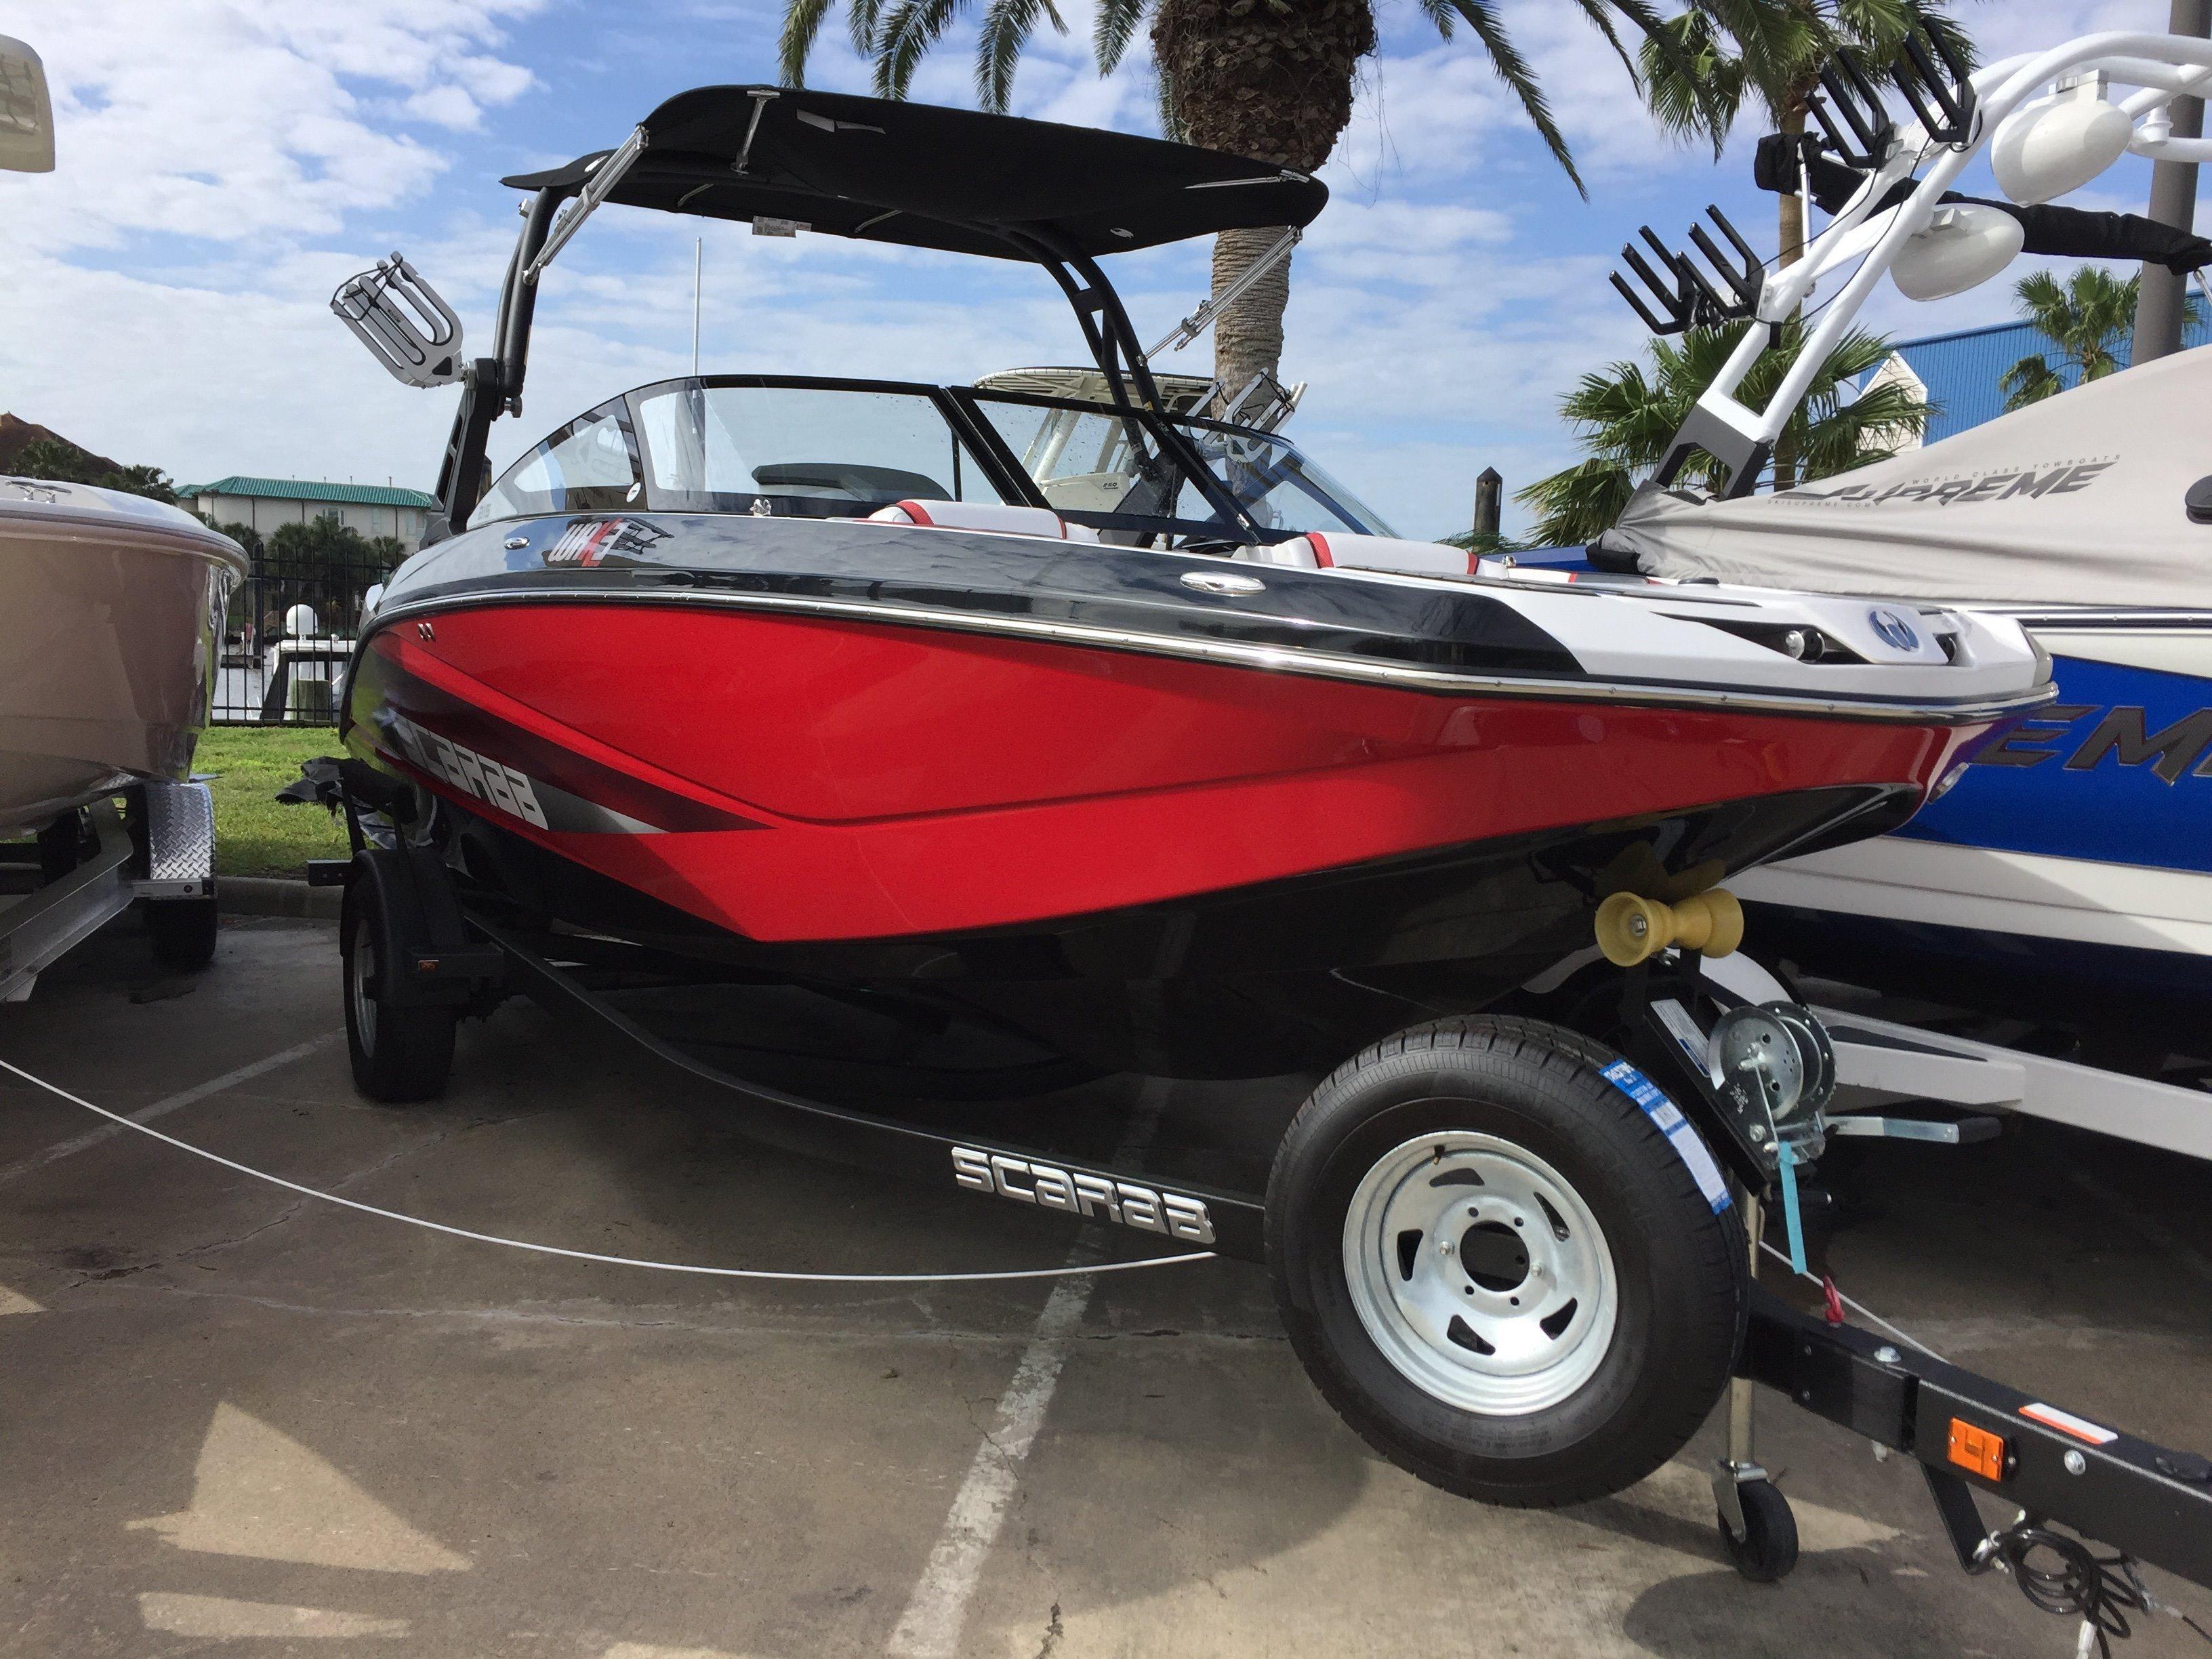 2017 Scarab 215 HO Impulse Power Boat For Sale - www ...